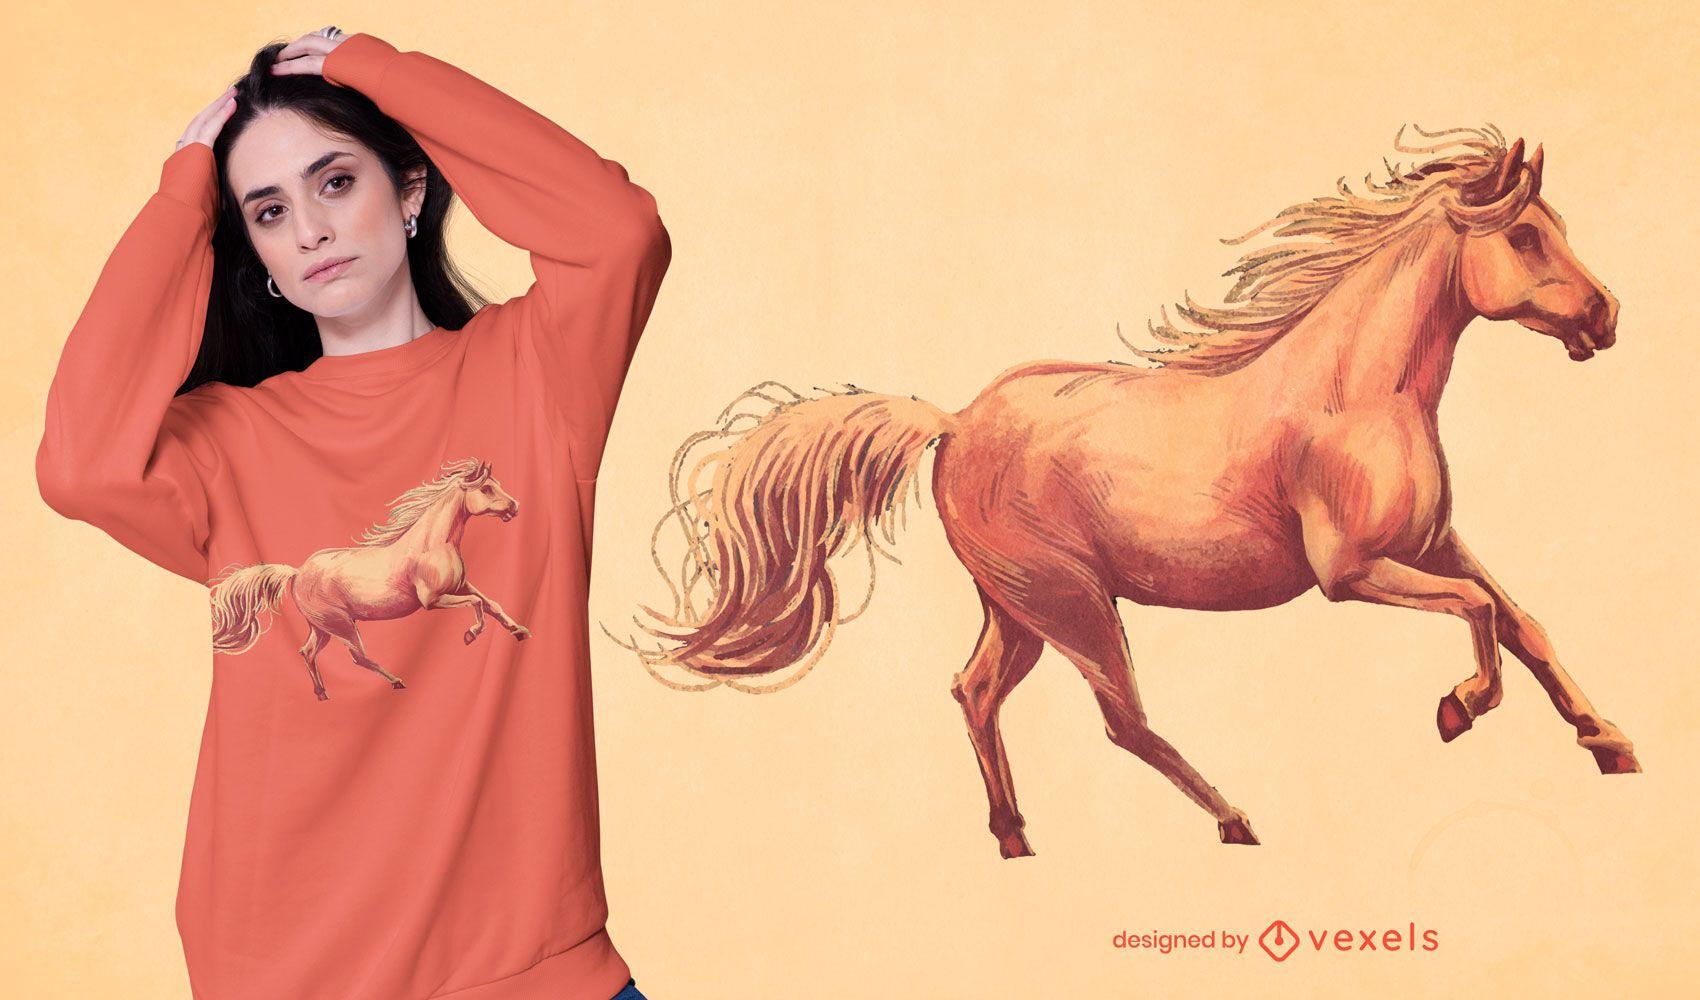 Dise?o de camiseta de caballo realista.